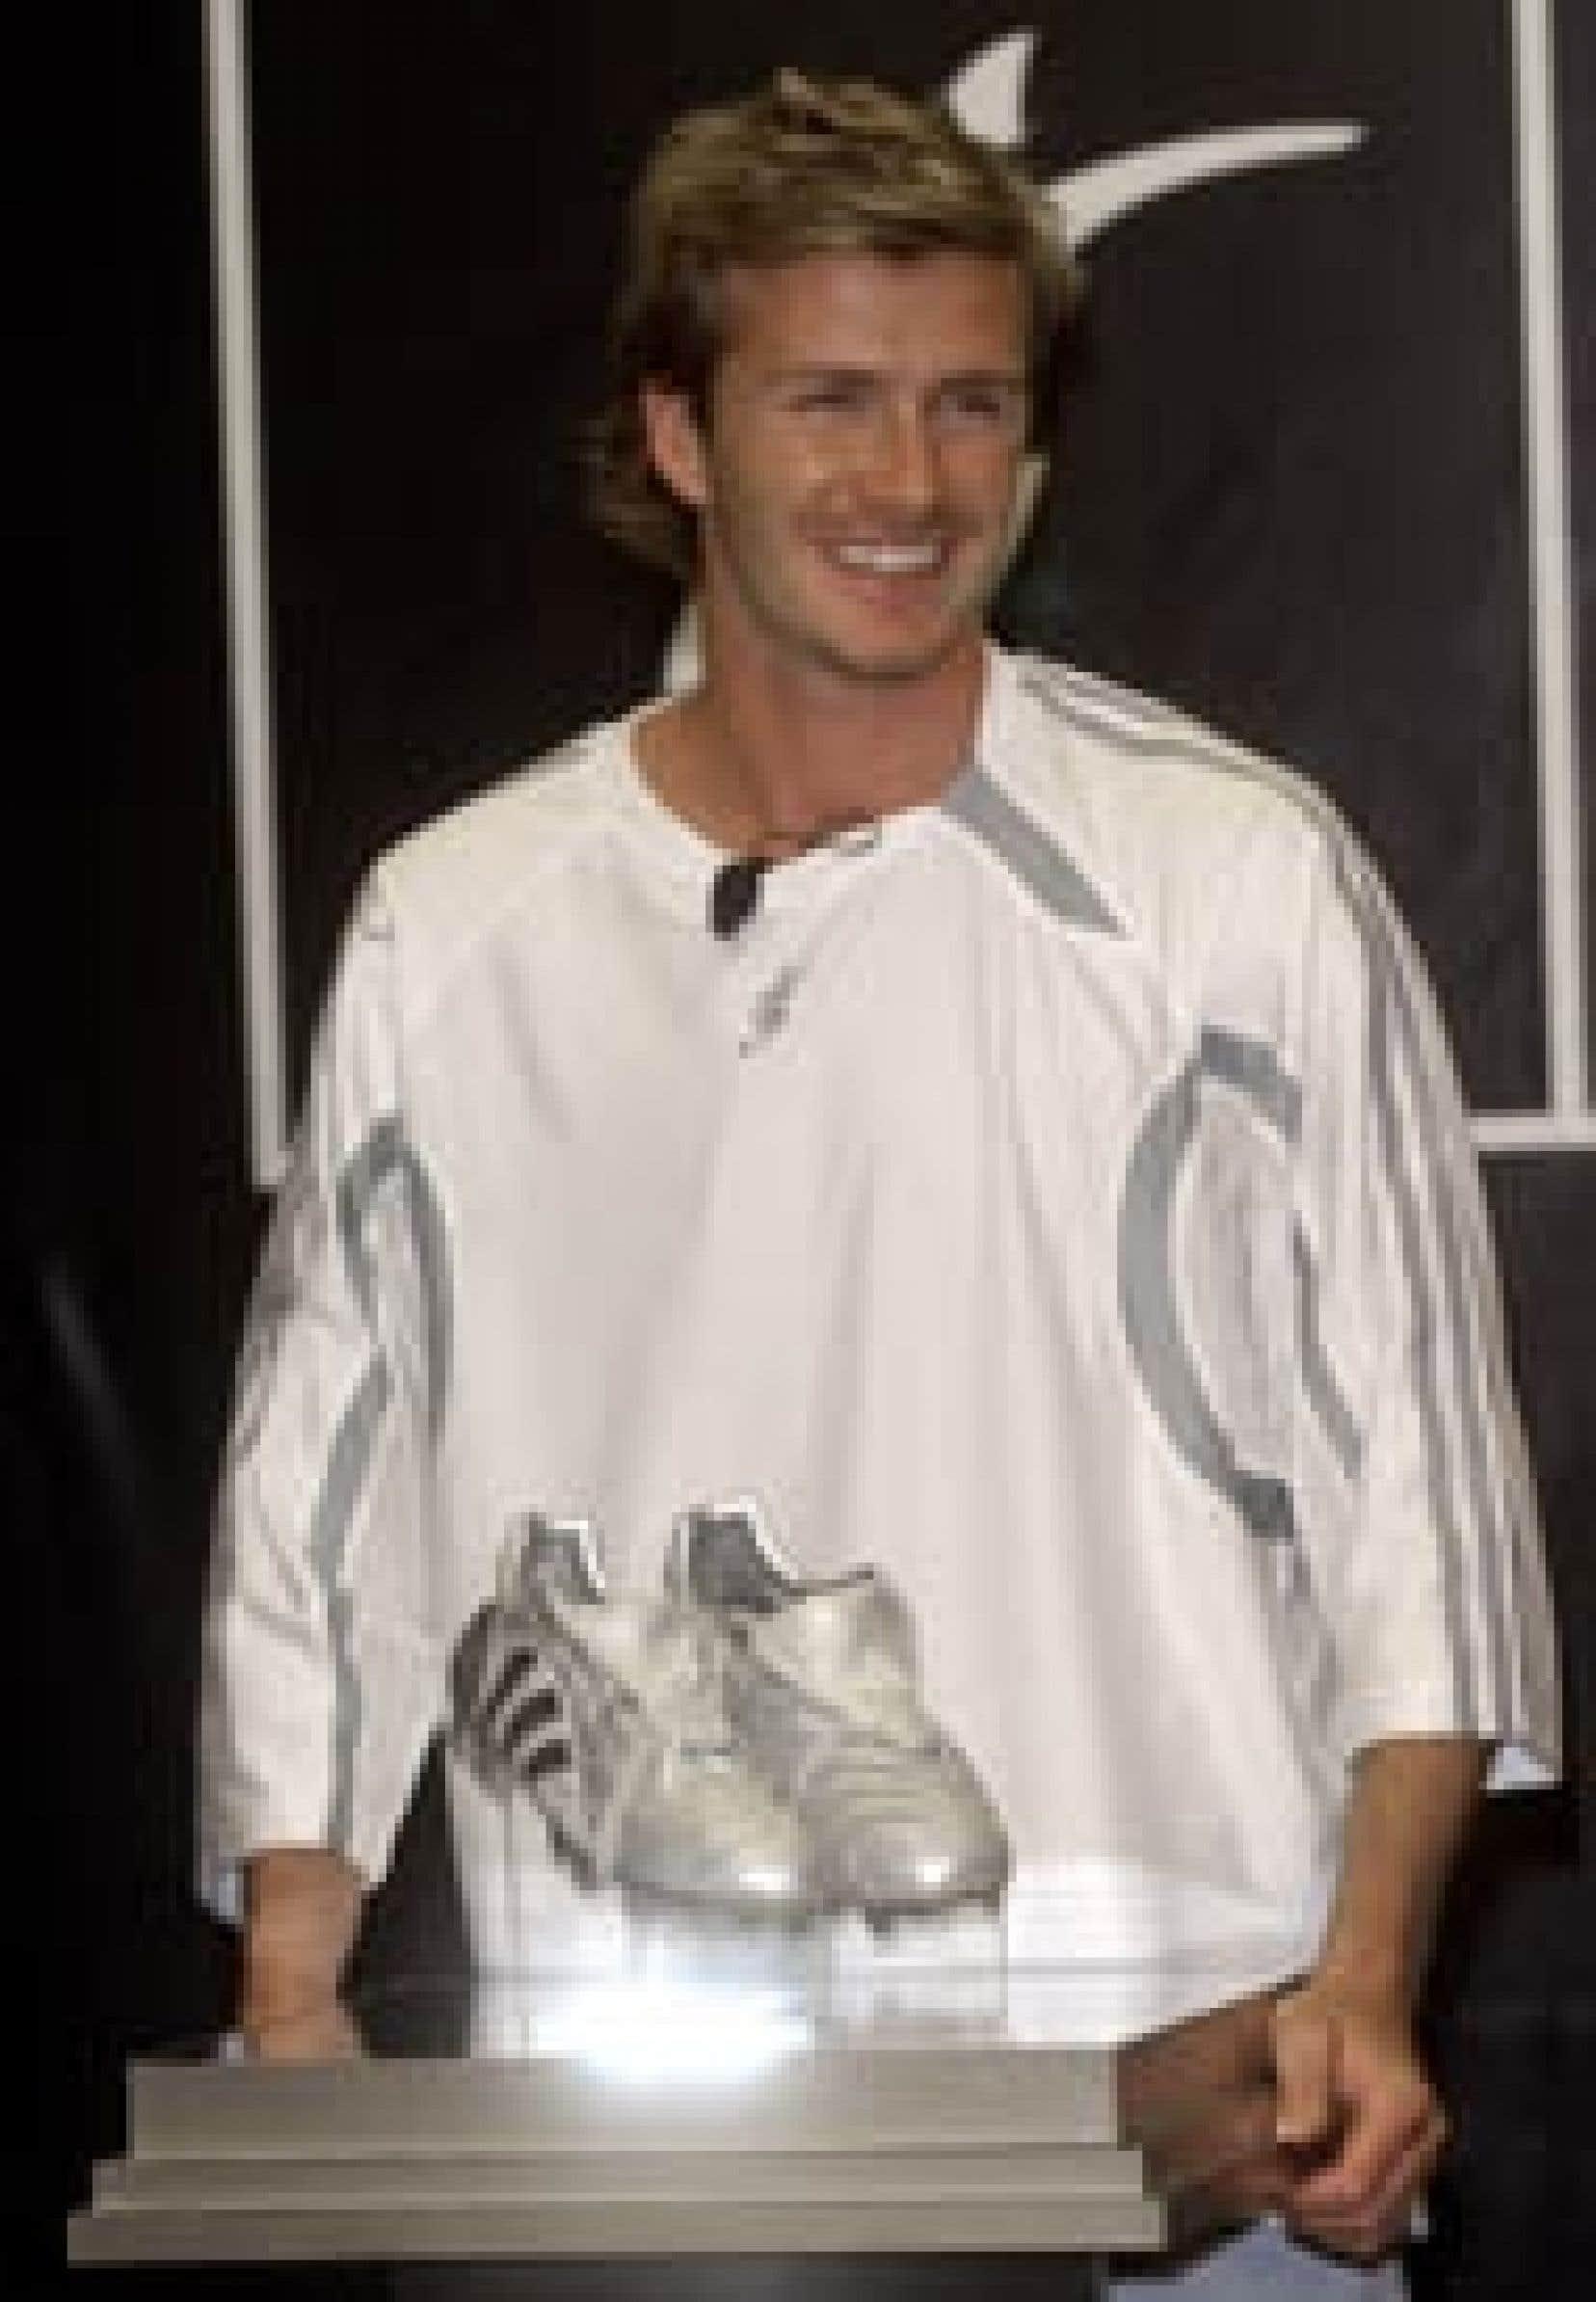 David Beckham a dévoilé hier son nouveau modèle de chaussures qui comporte une nouvelle technologie conçue au Canada.